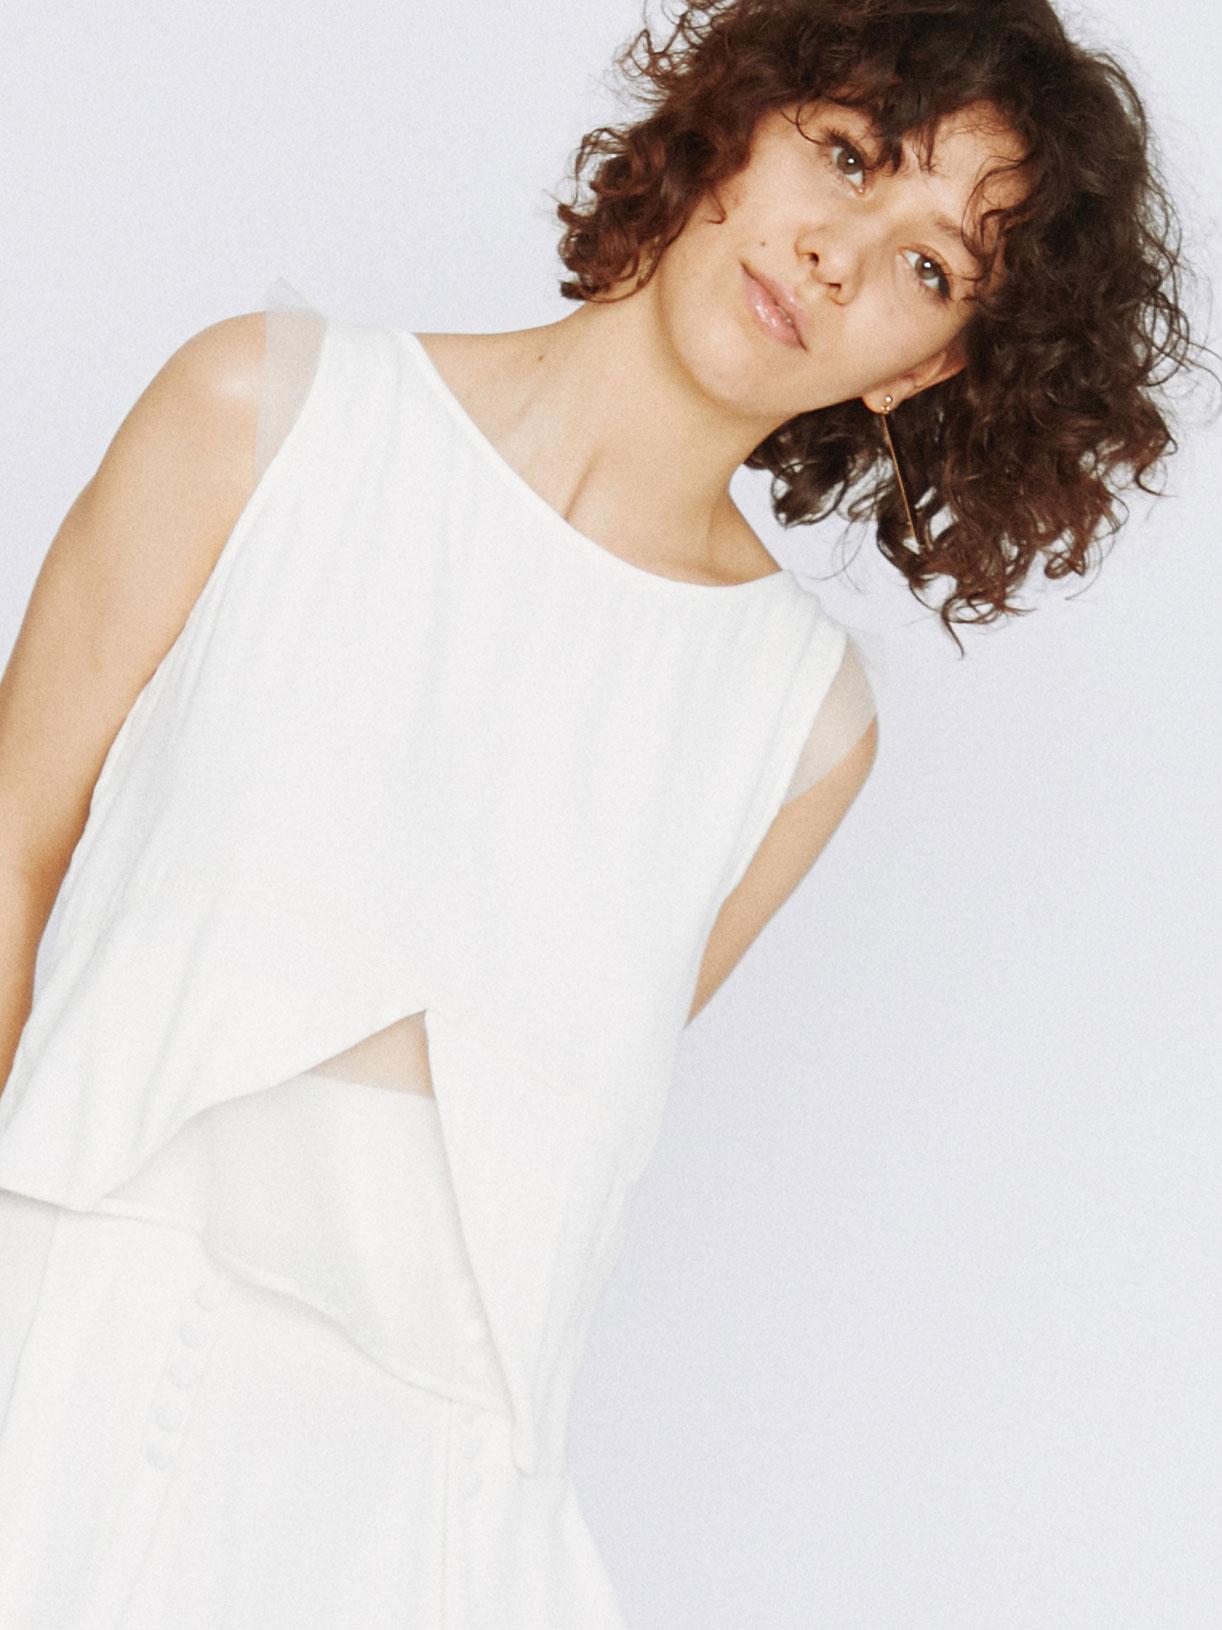 blouse de mariee bi-matiere graphique écoresponsable - Creatrice de robe de mariée éthique et bio a Paris - Myphilosophy